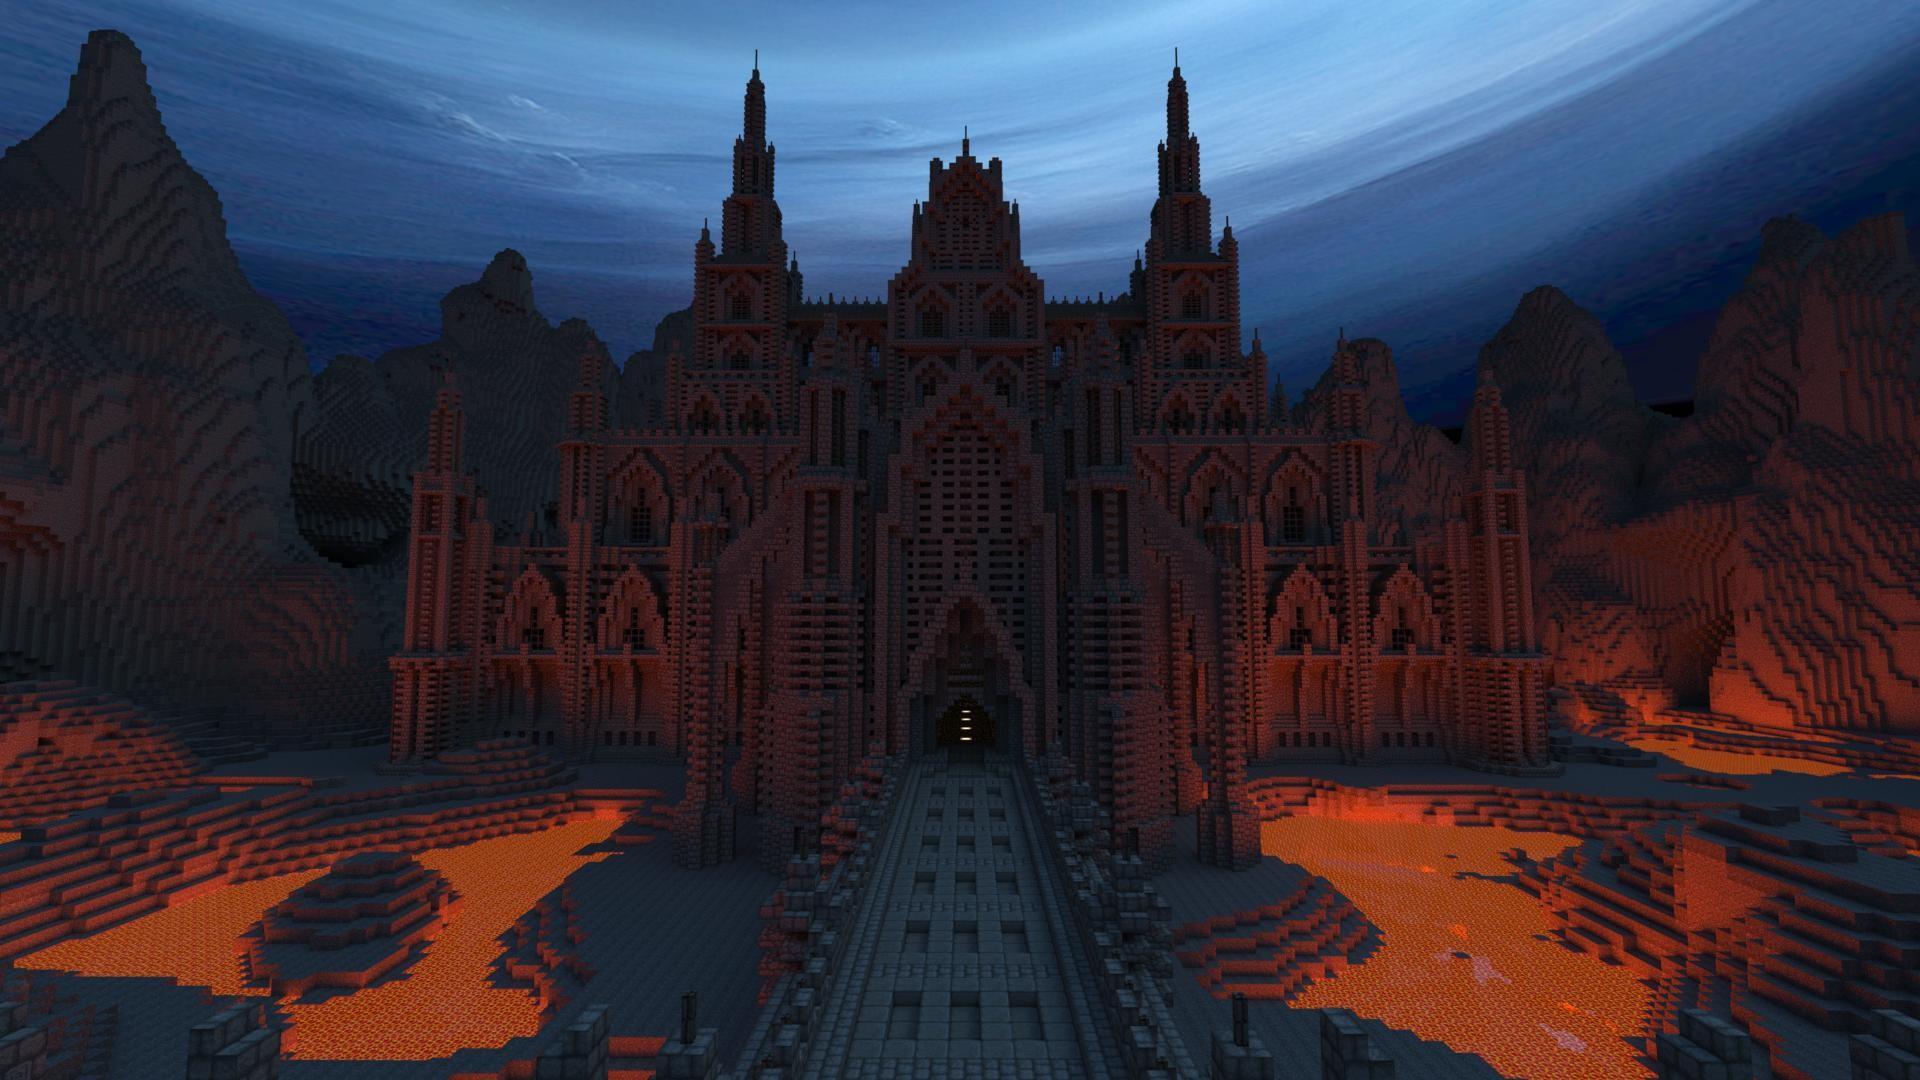 Minecraft netherworld wallpaper background